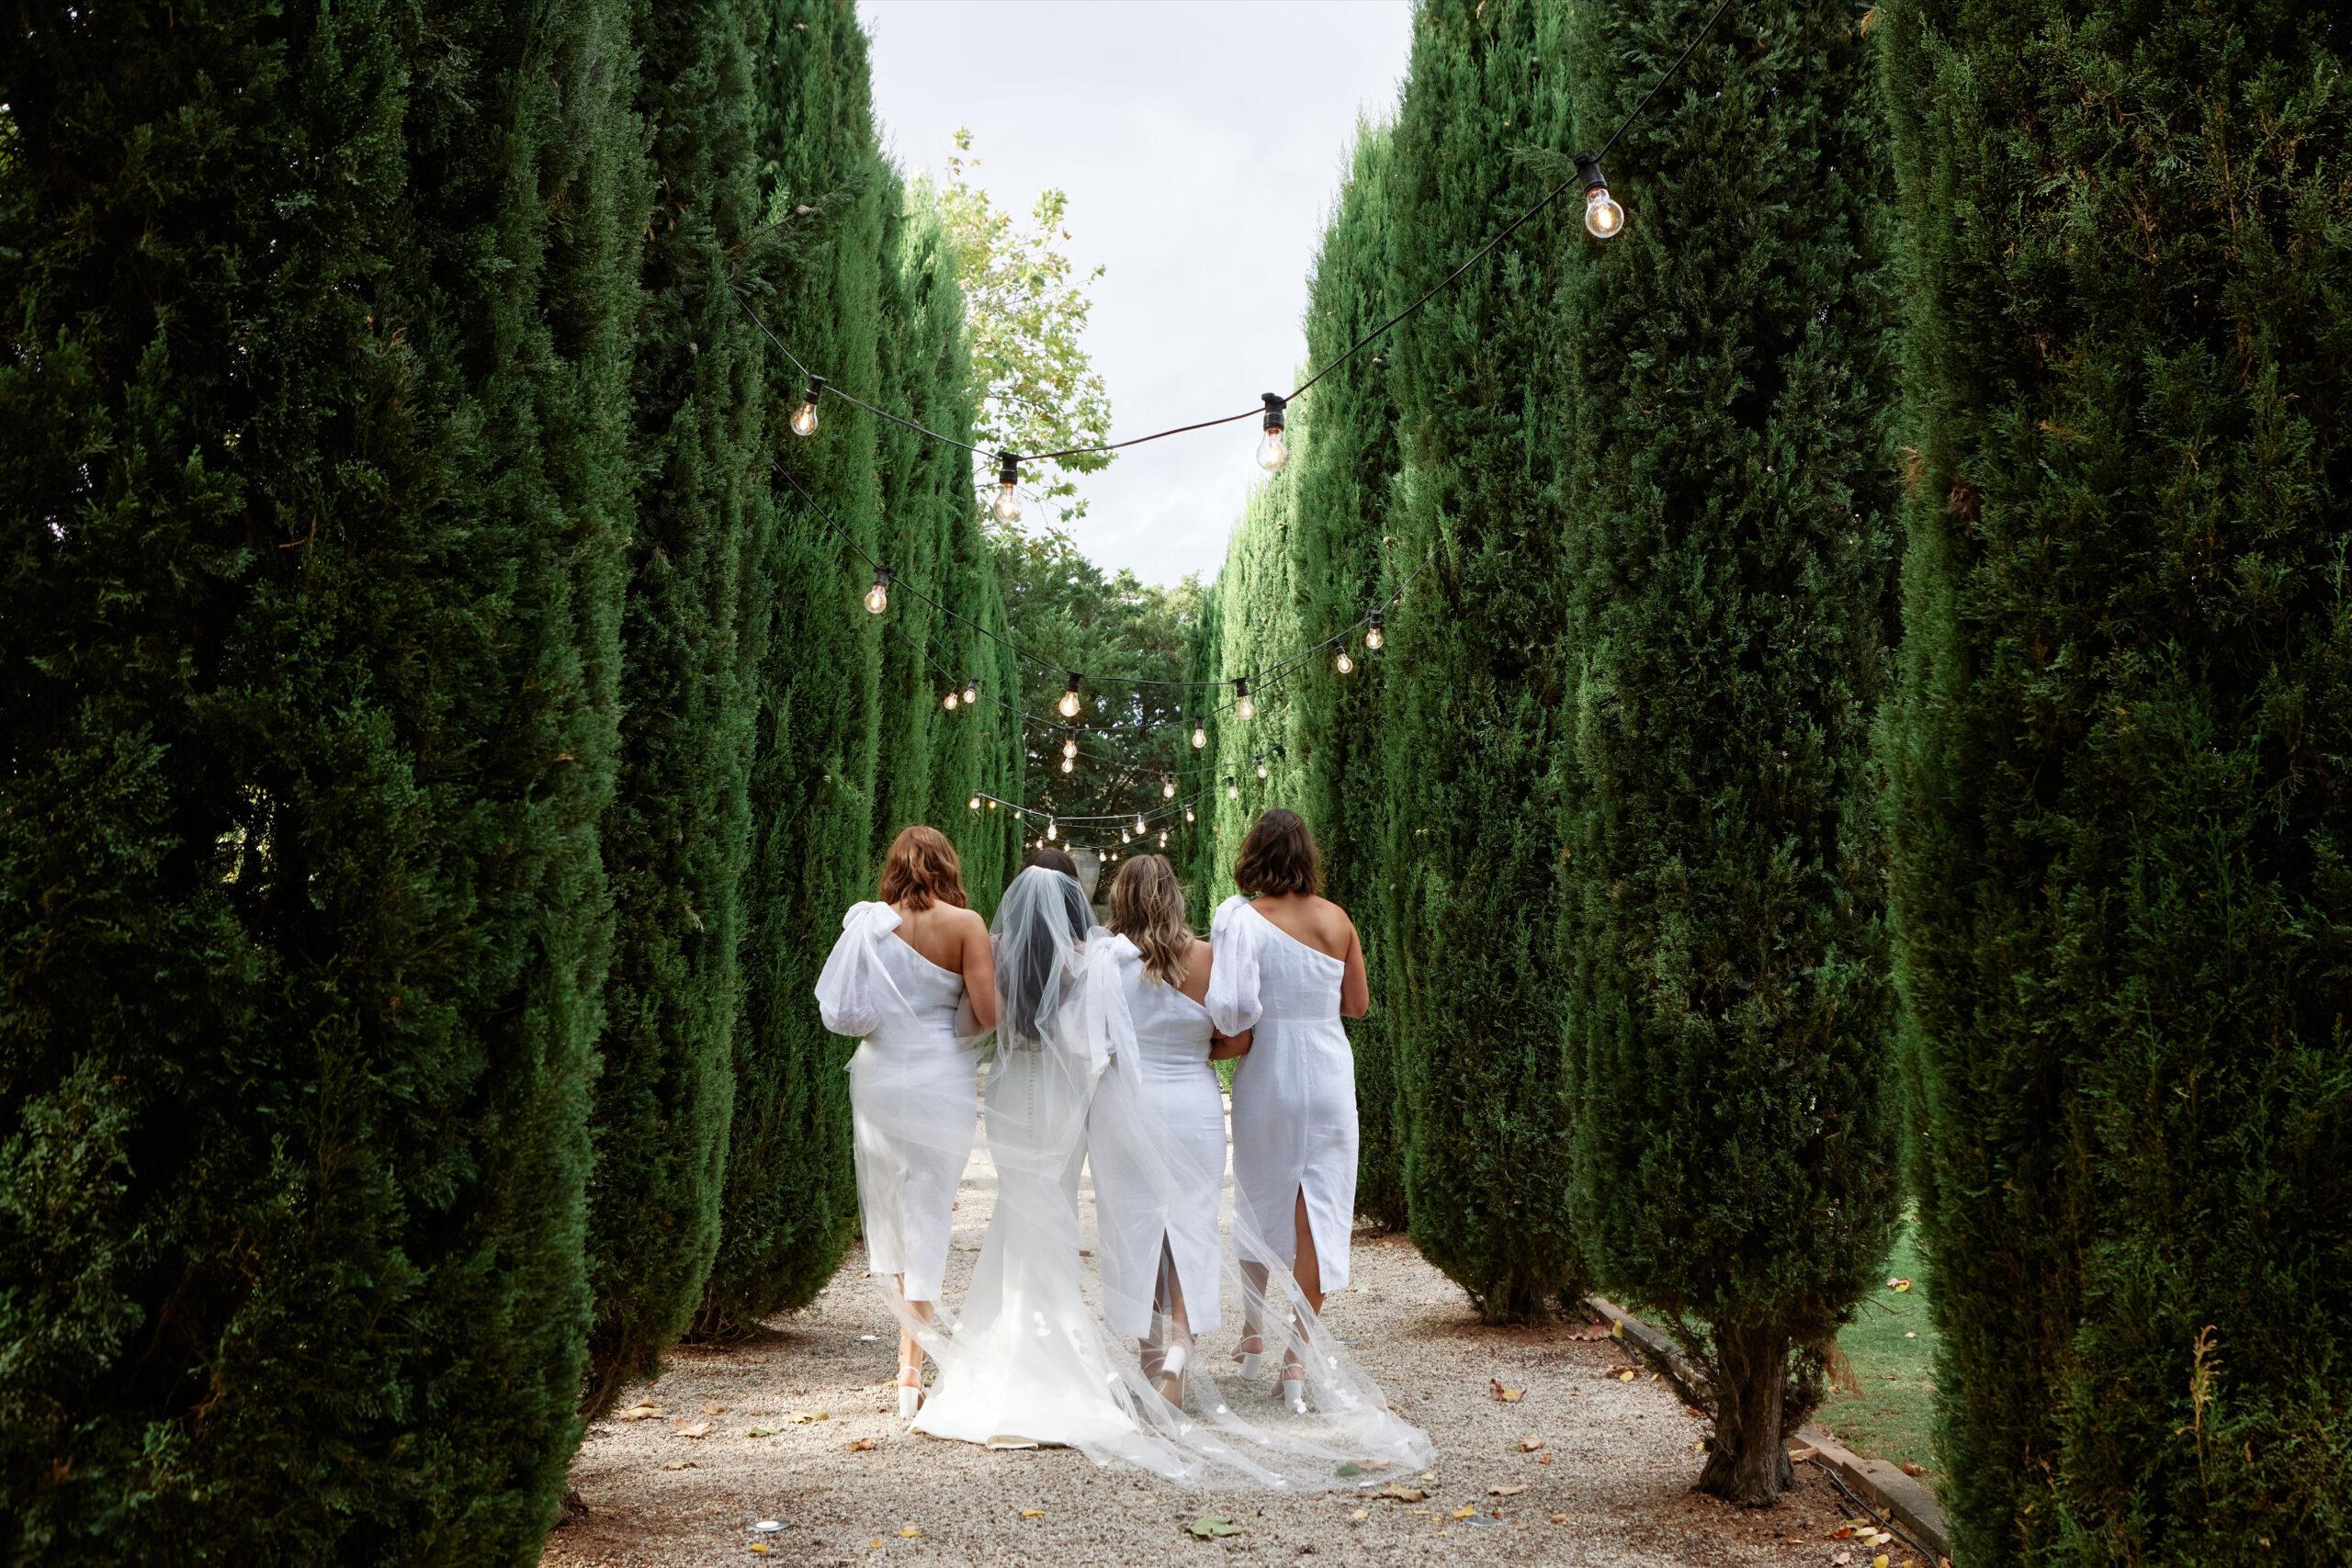 Jenna and Bridesmaids